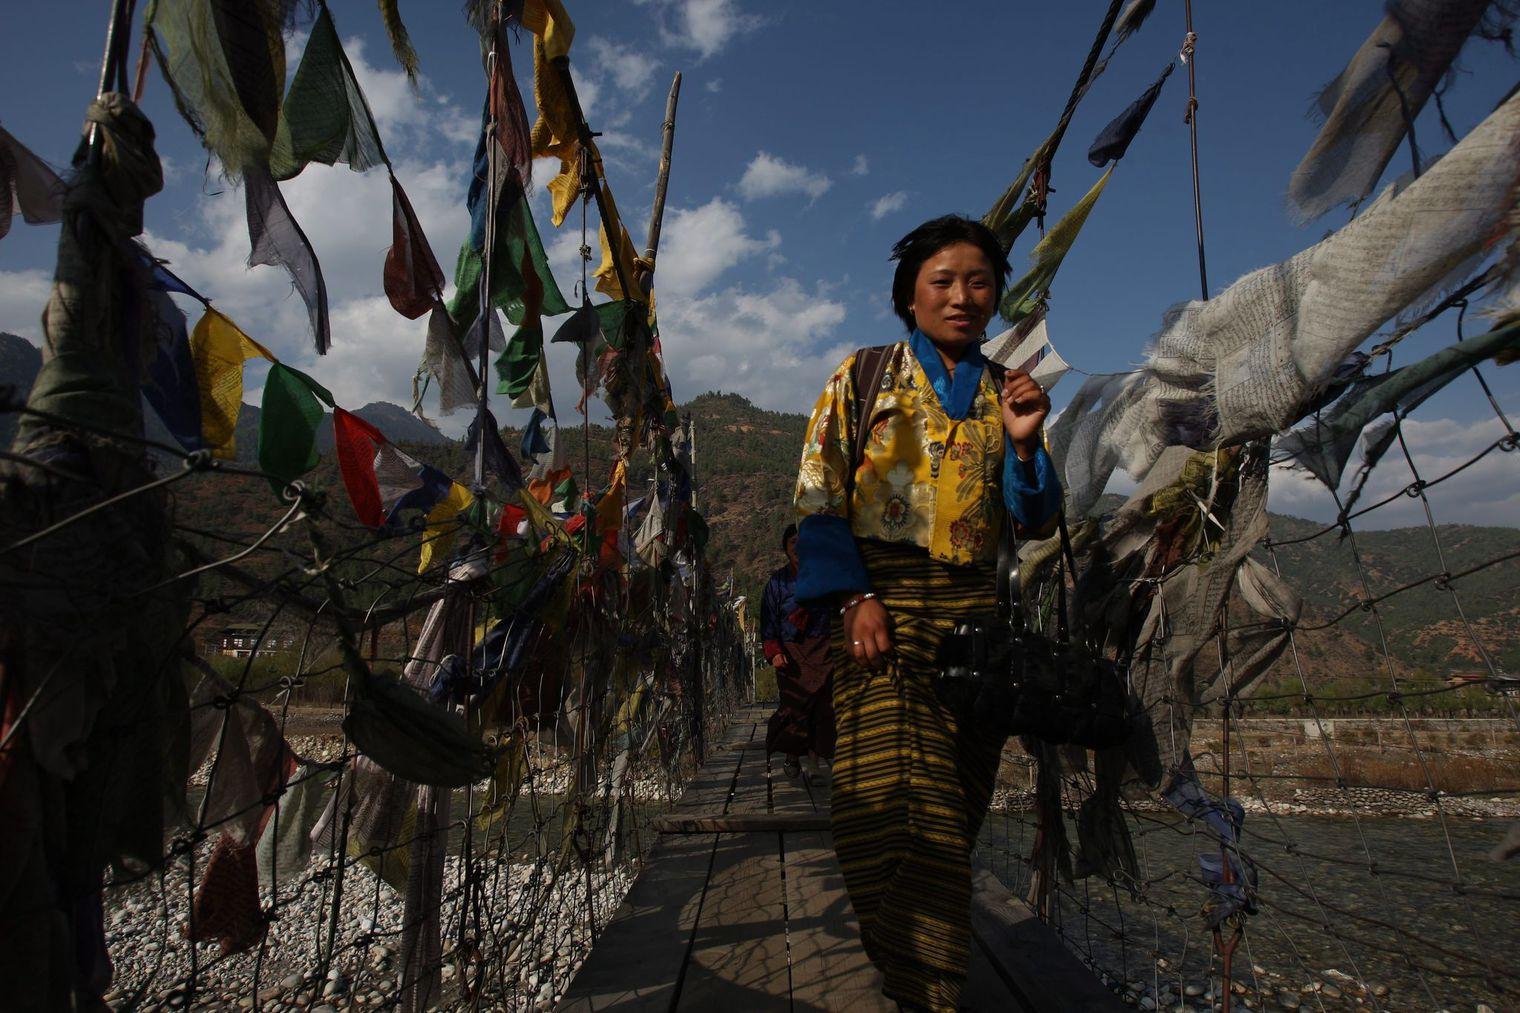 decouvrir le bhoutan, tourisme et tenue traditionelle